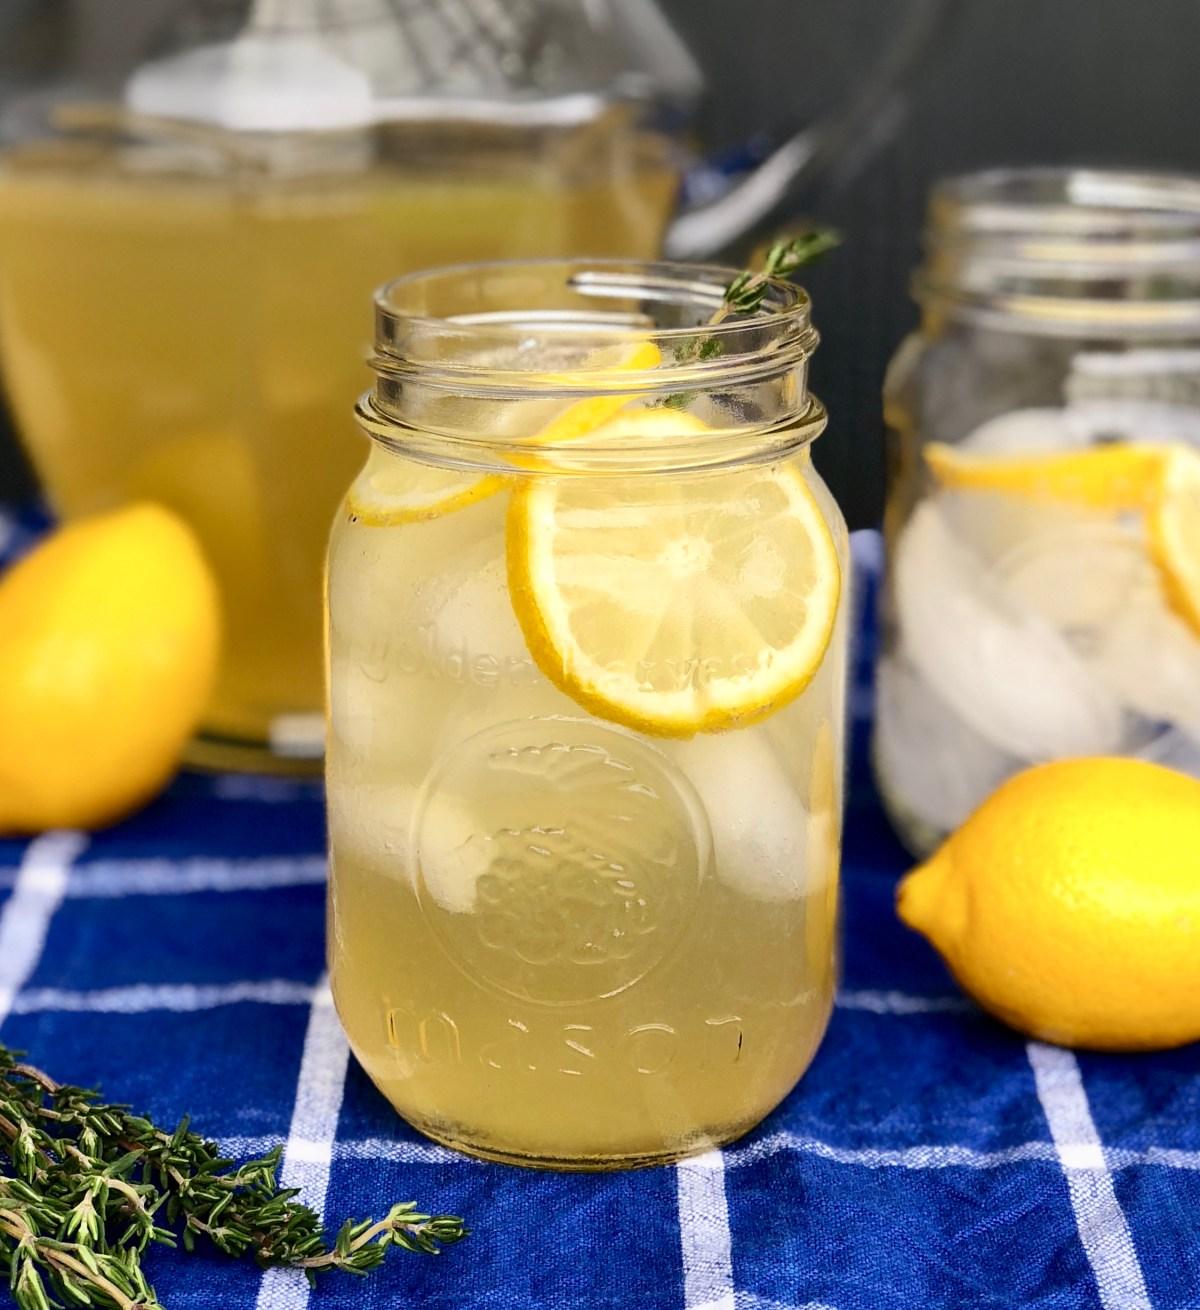 Grilled Lemon and Thyme Lemonade by Happylifeblogspot #lemonade #grilledlemonade #thymelemonade #adultbeverage #homemadelemonade